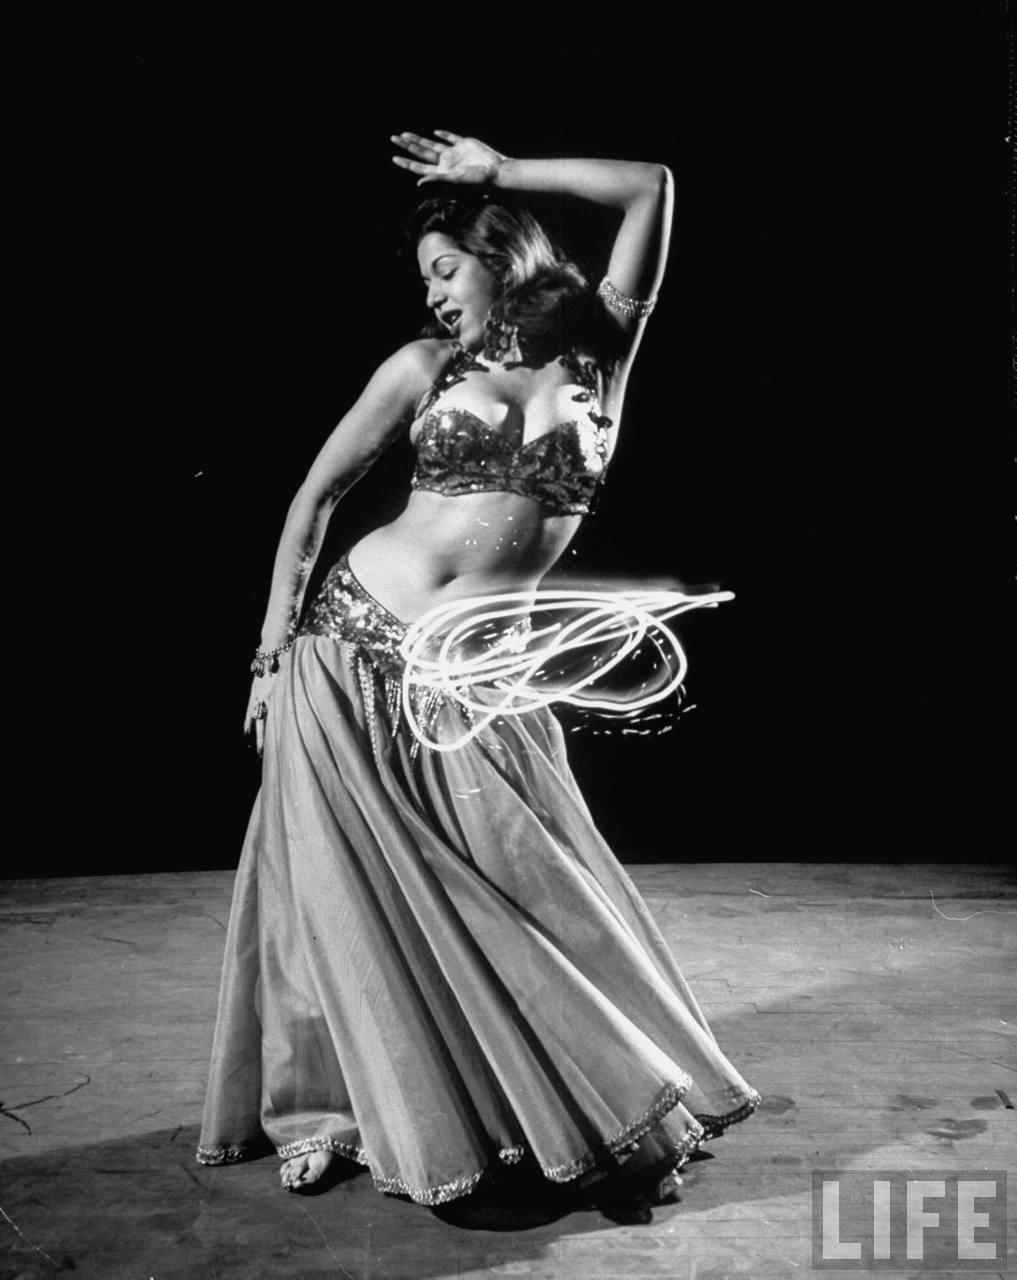 Egyptian dancer foto 77